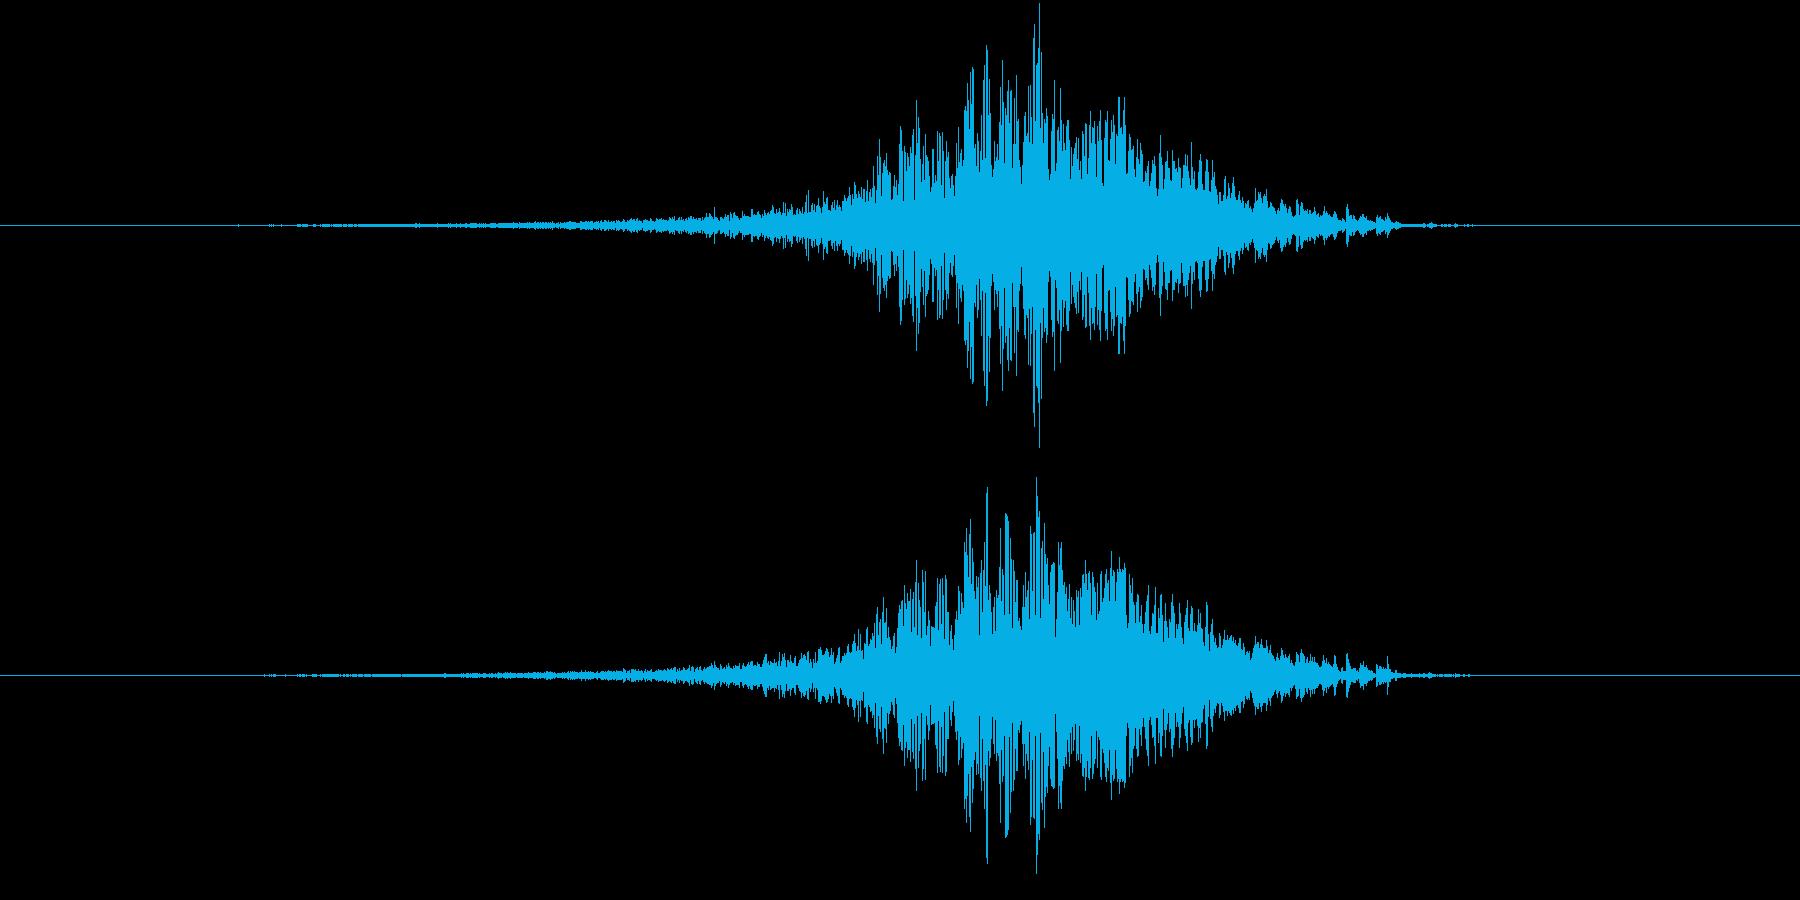 速すぎてぶつかって砕けた音の再生済みの波形